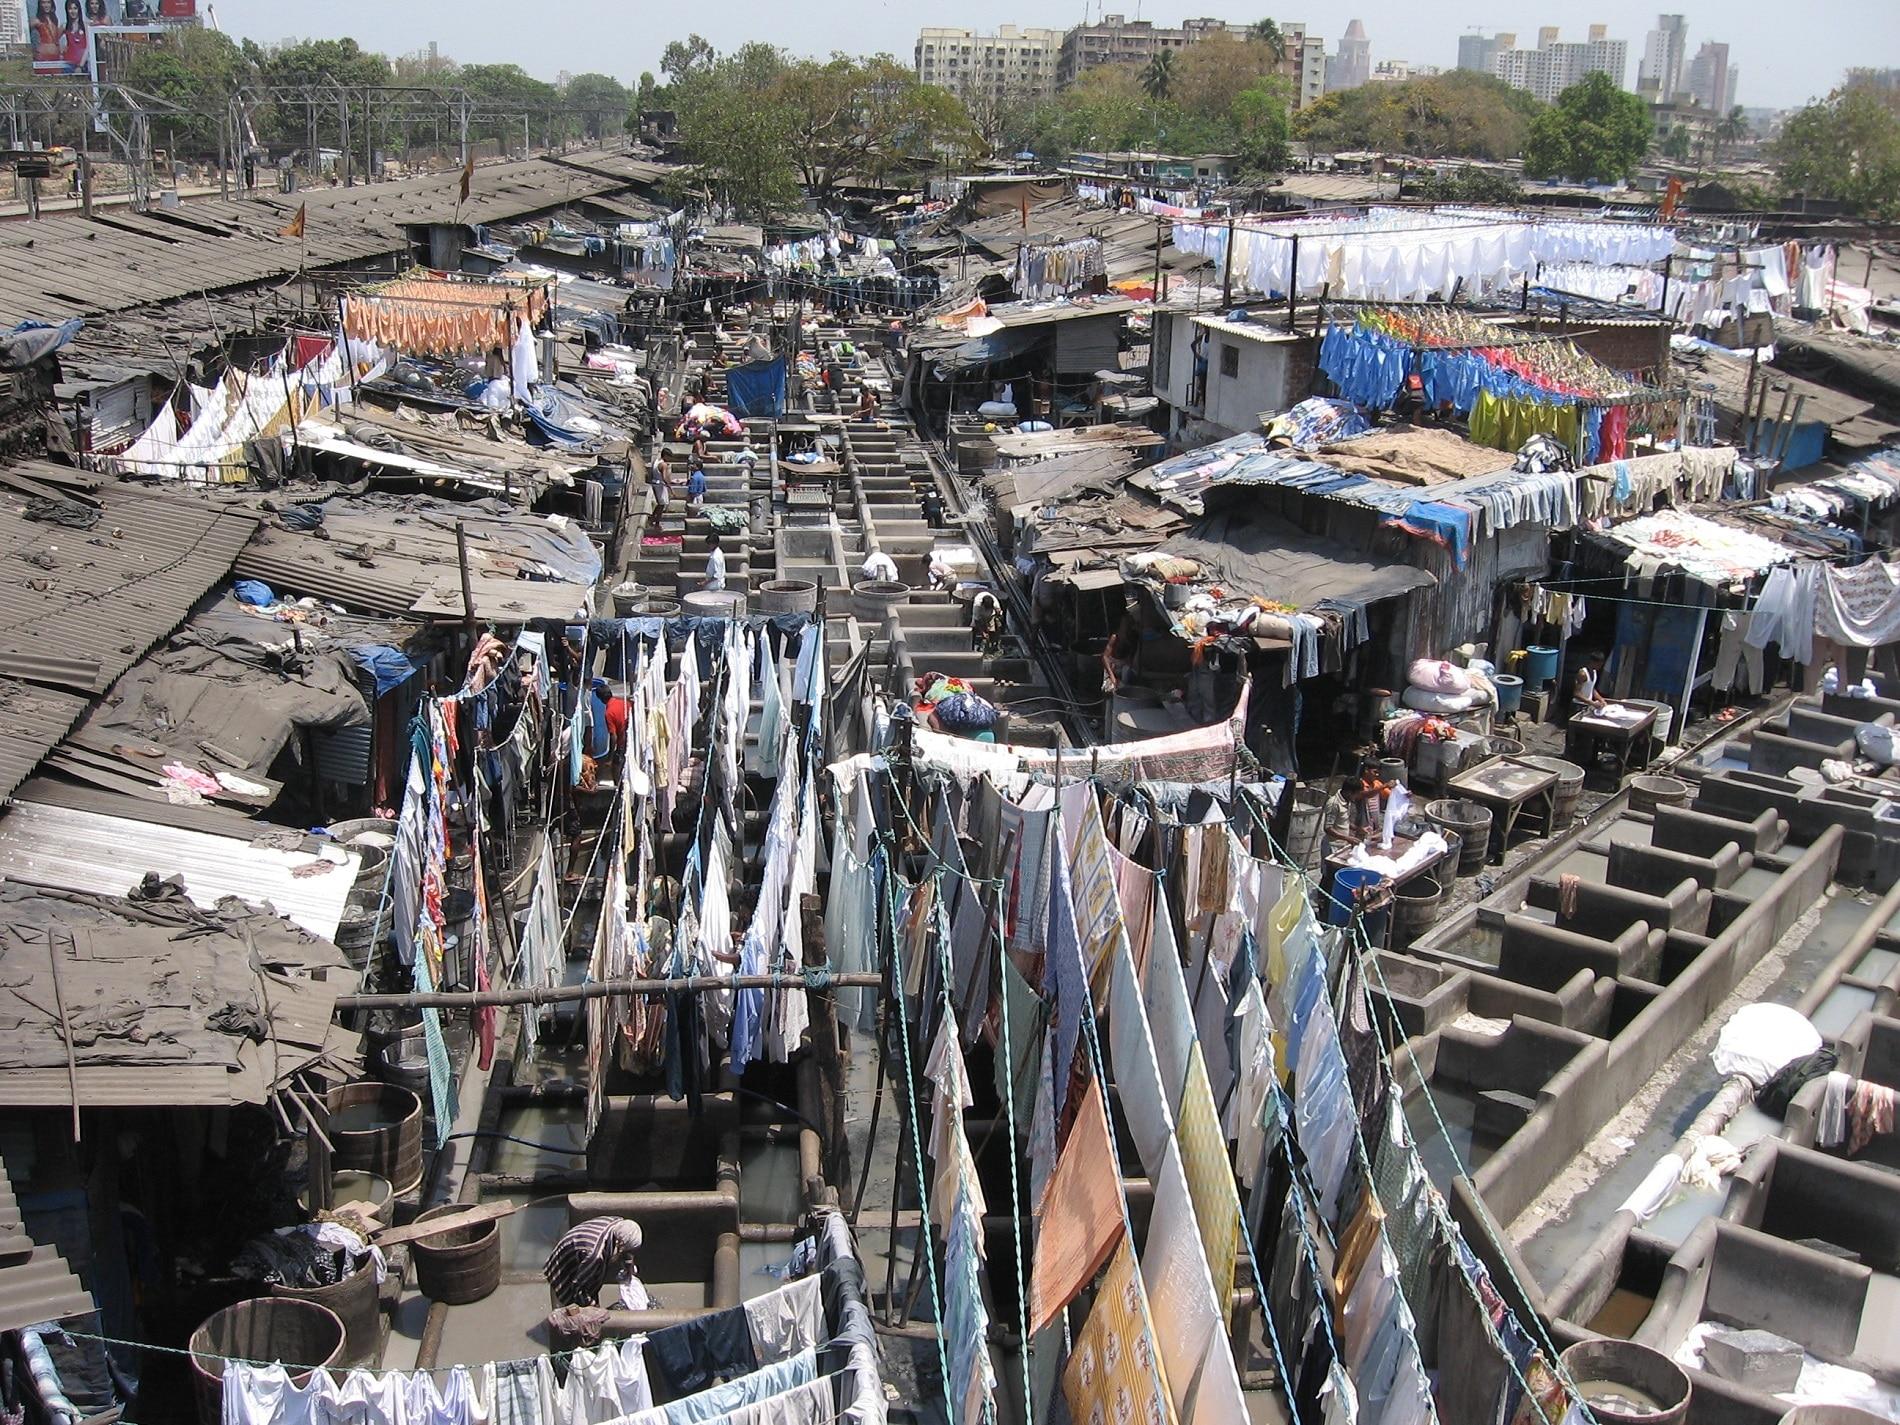 Spălătoria  în aer liber Dhobi Ghat, Mumbai